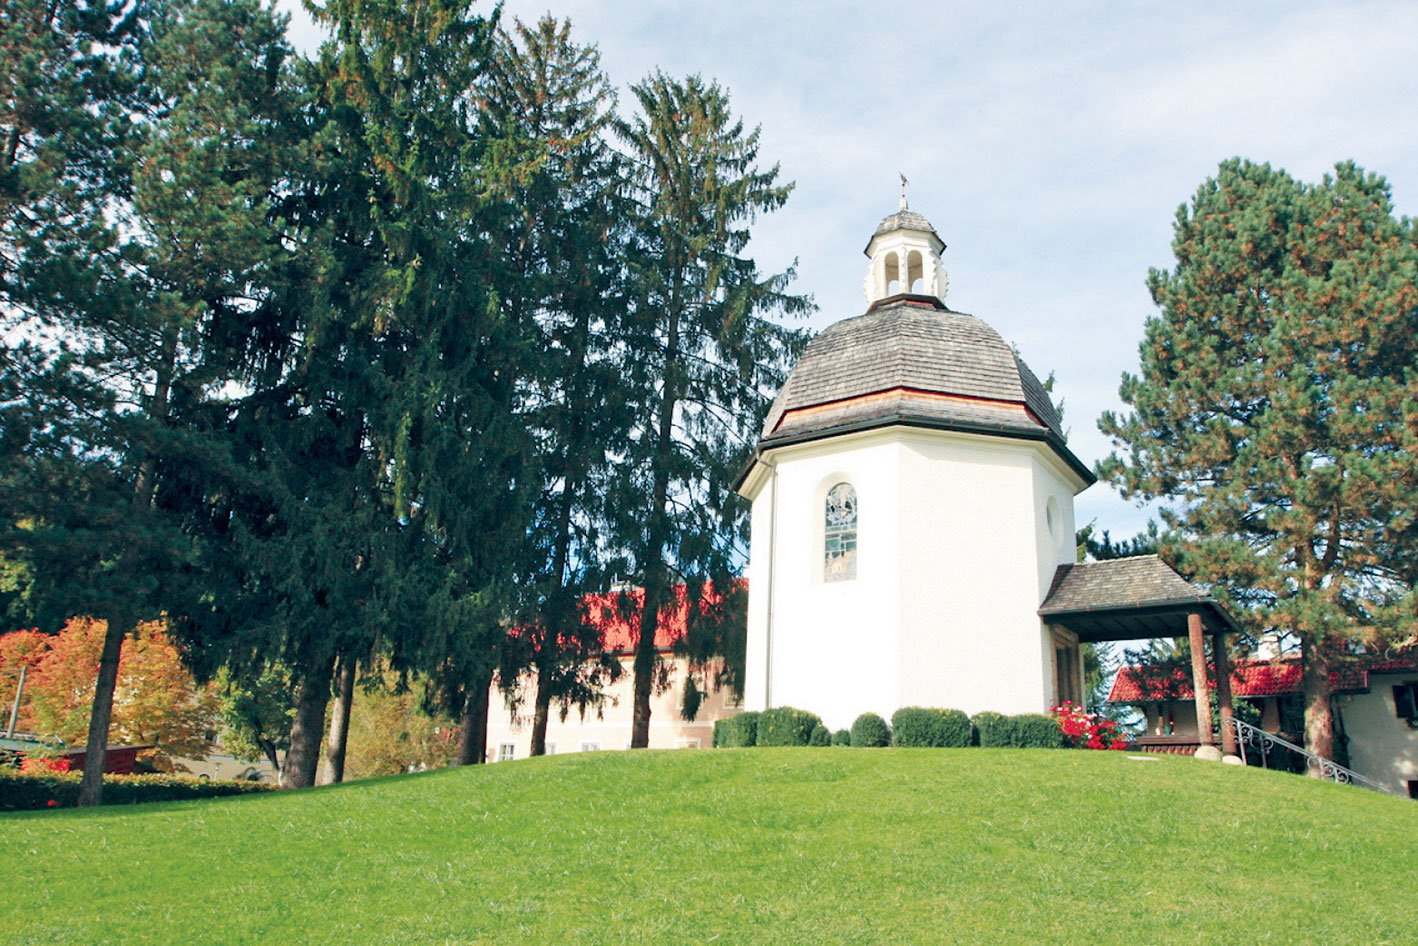 聖.尼古勞斯教堂的禮拜堂,首次演奏《平安夜》的地方。(黃芩/大紀元)